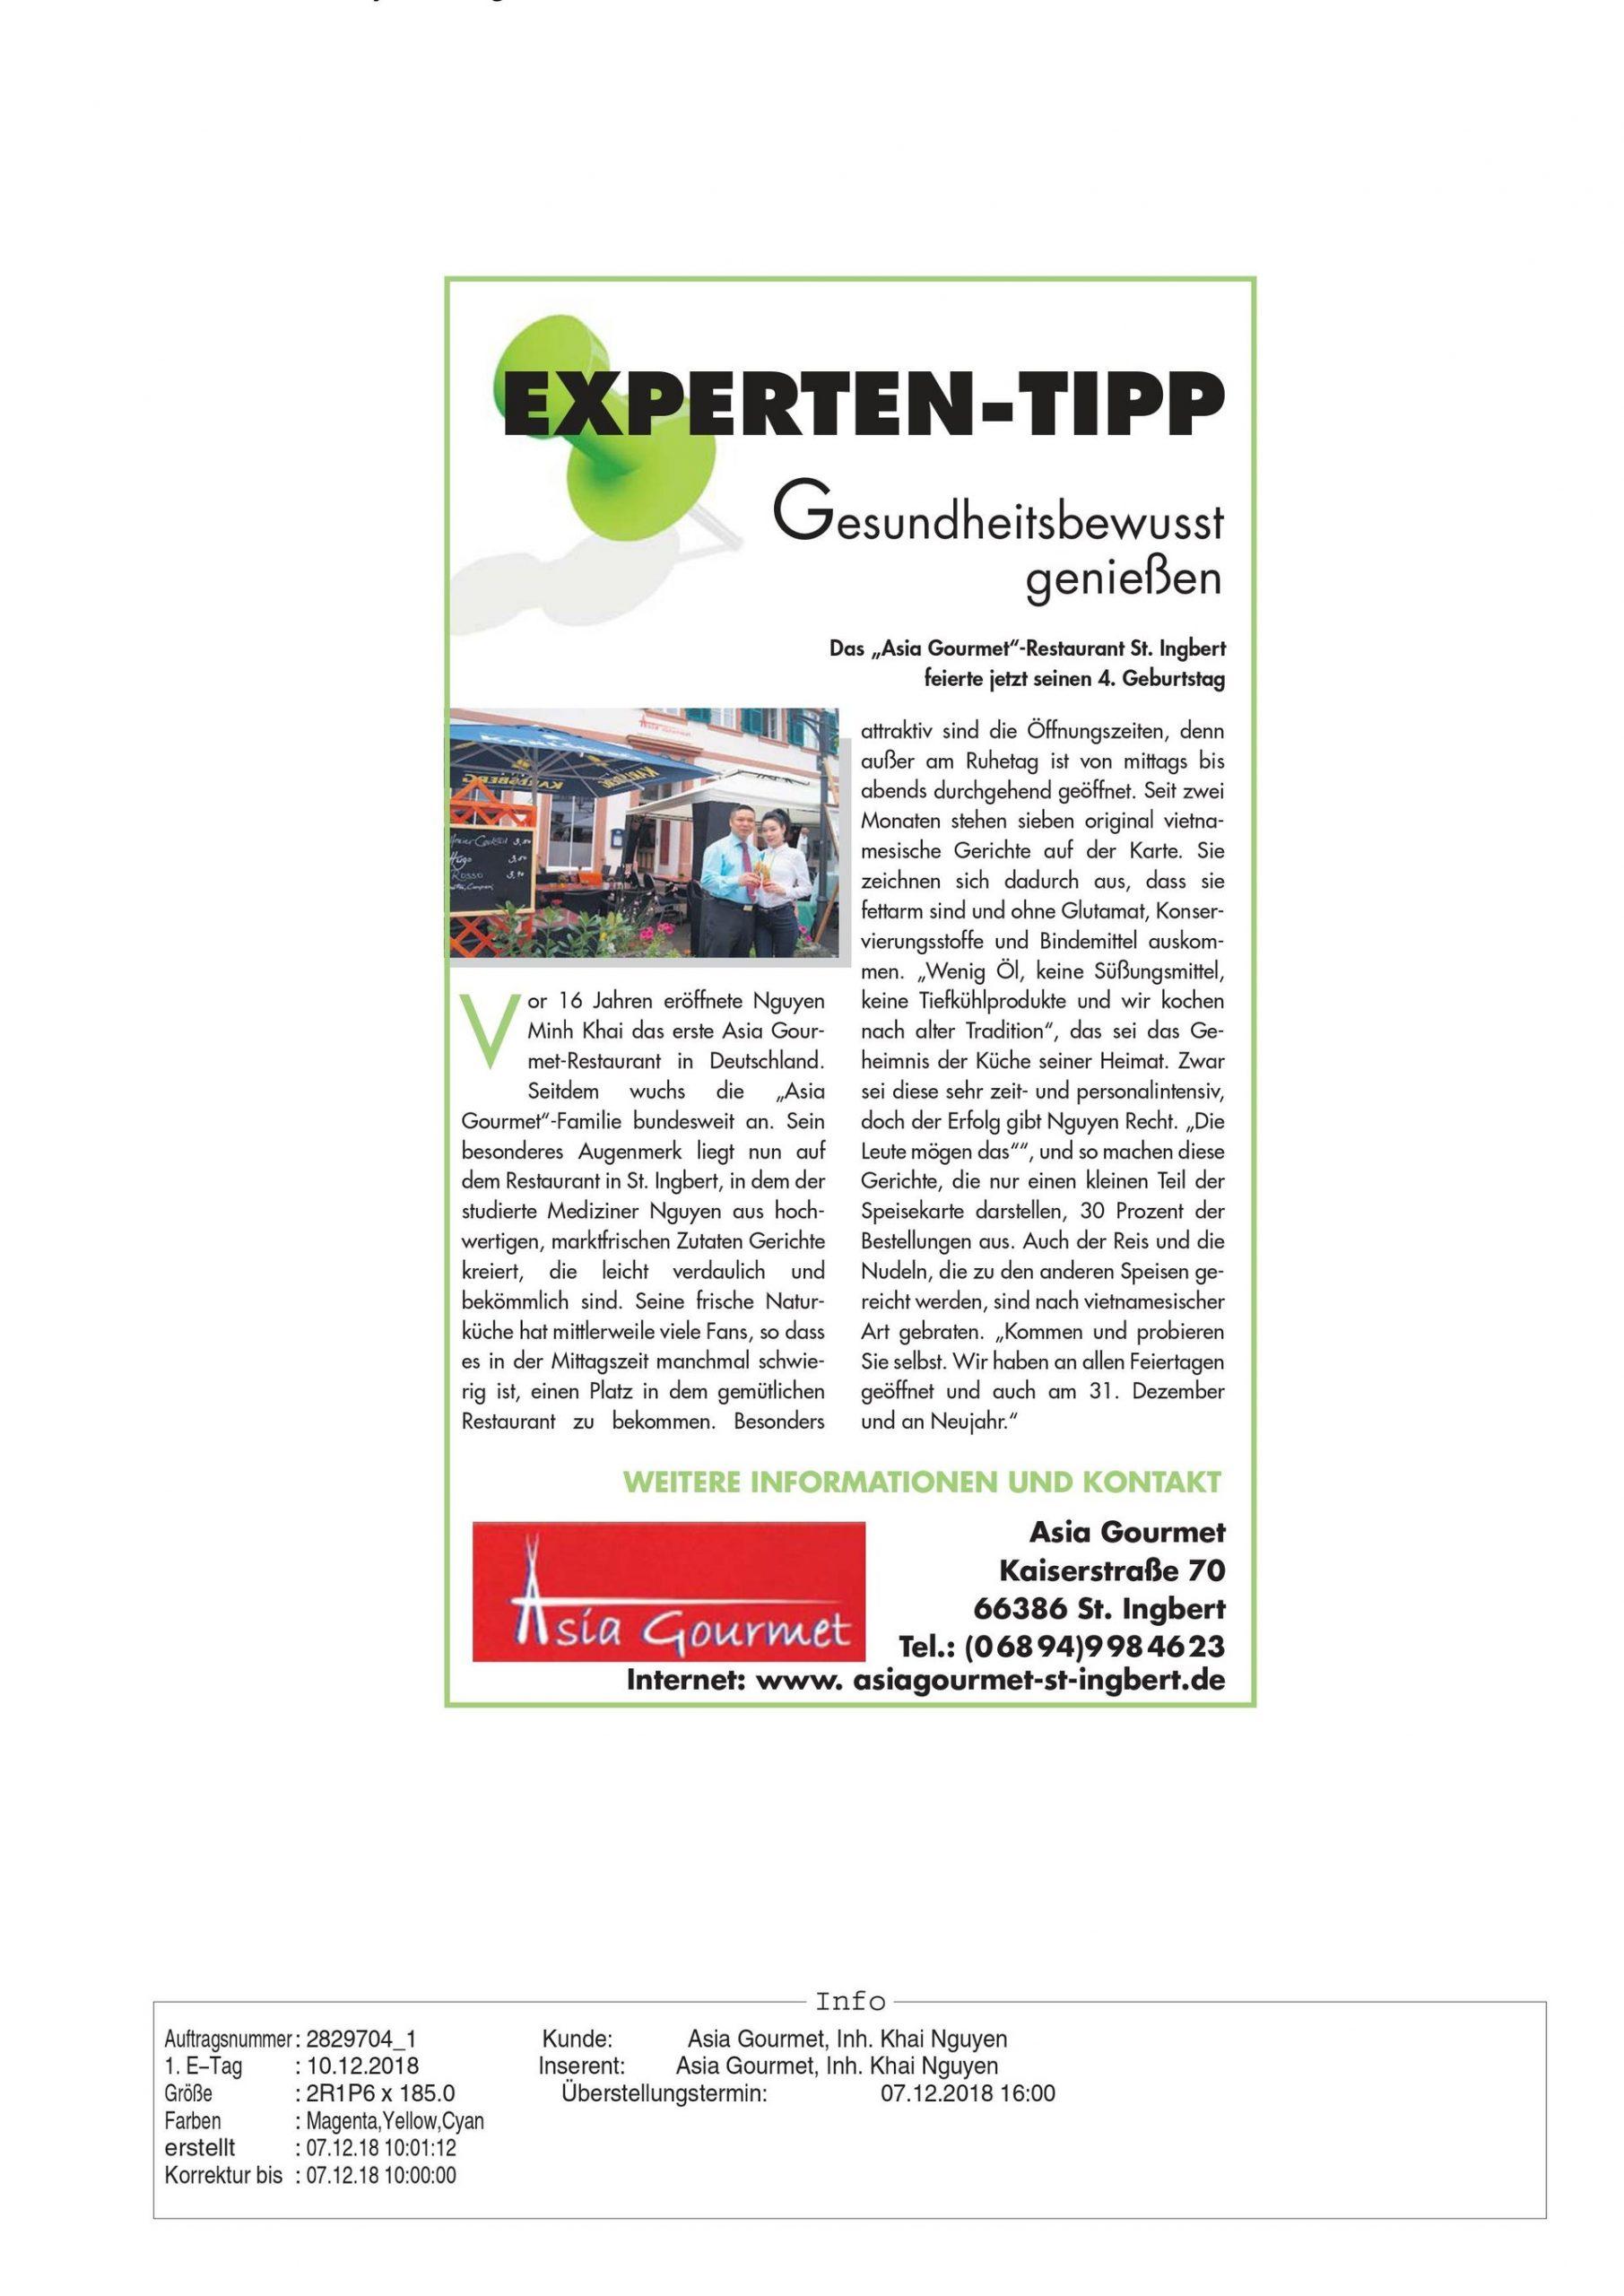 Asia_Gourmet-Presse-4